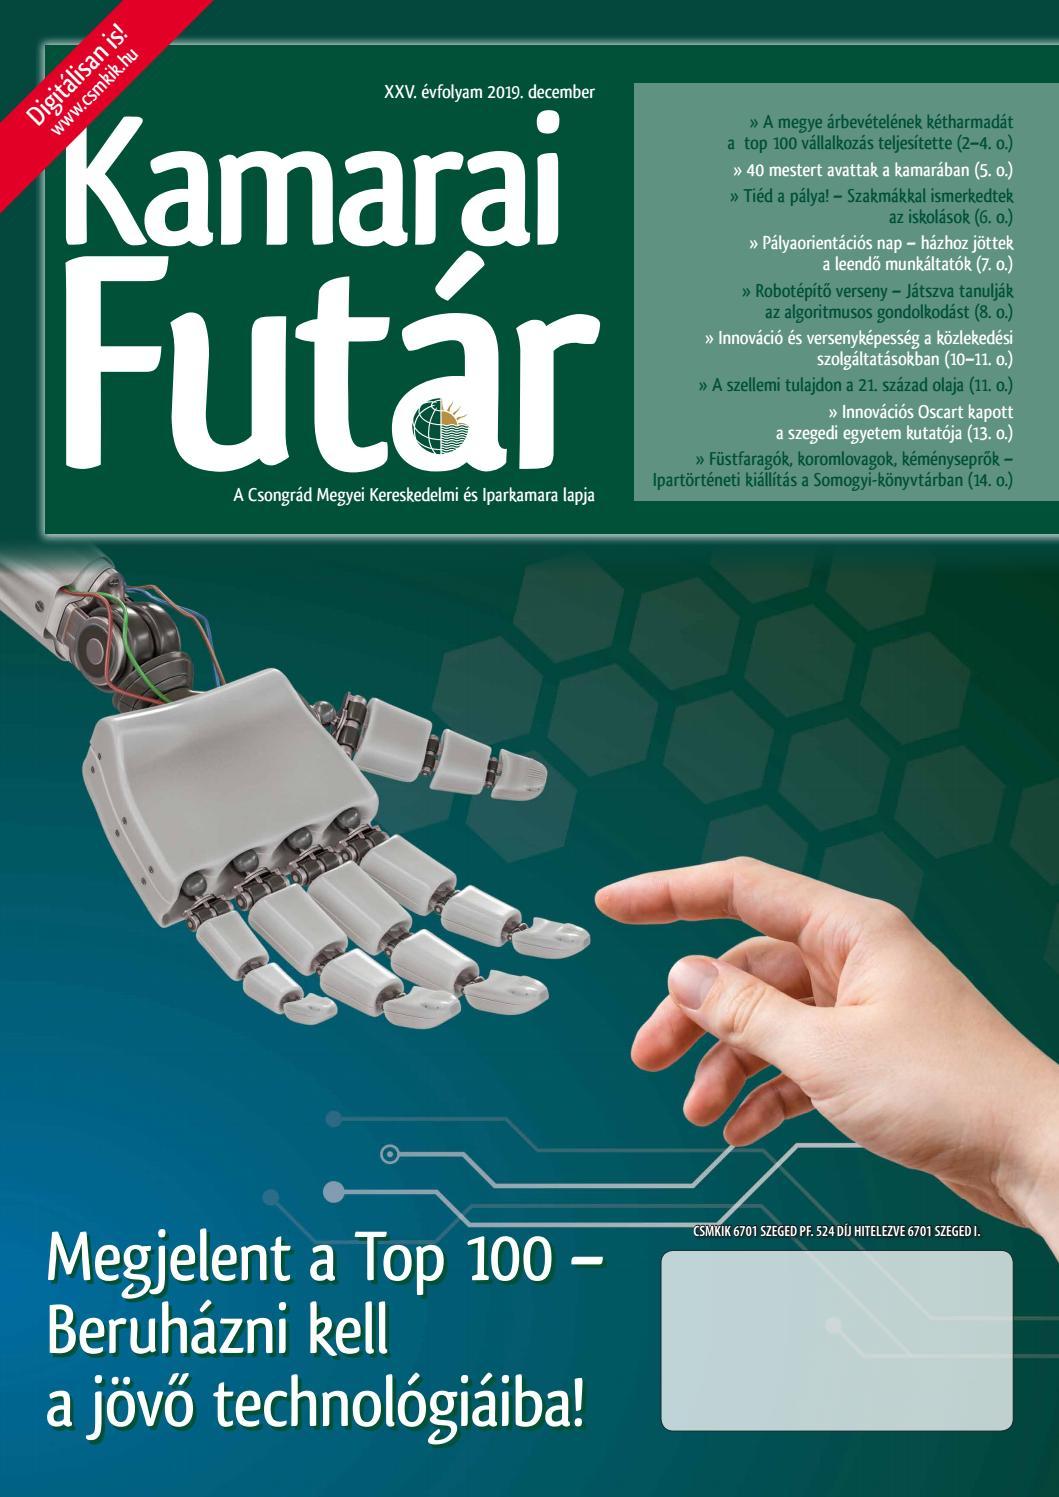 kereskedési robotok tanácsadóinak létrehozására szolgáló technológia)